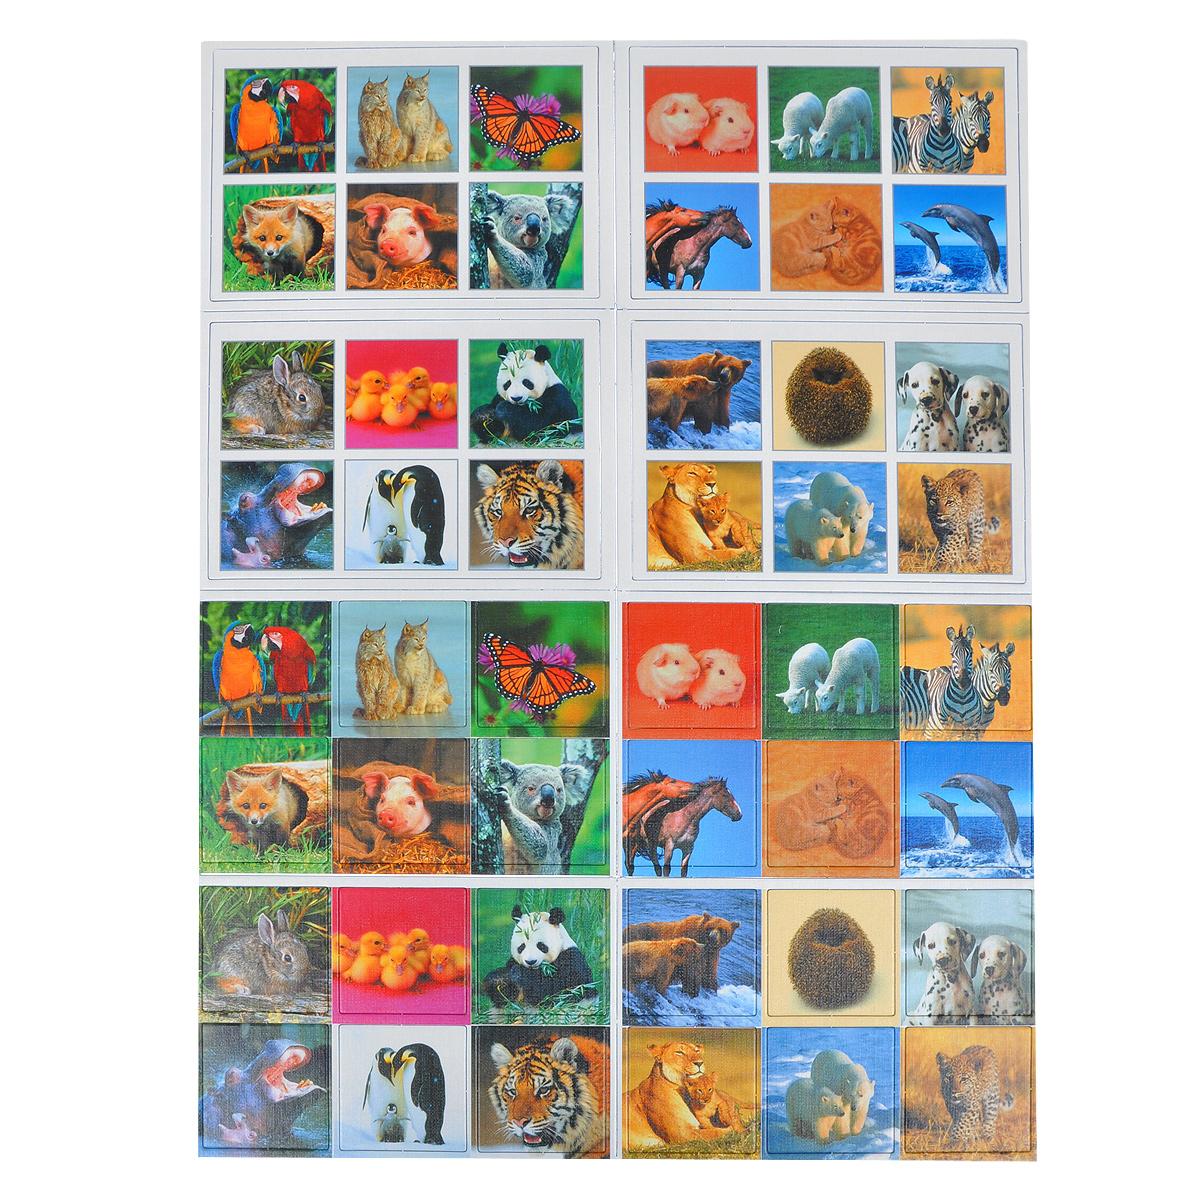 Лото Bondibon ЗверюшкиВВ1013Увлекательная настольная игра лото Зверюшки позволит вашему ребенку весело и с пользой провести время. Игра включает четыре большие таблицы, 24 маленькие карточки с изображениями различных животных и подробной инструкции на русском языке. Это классическое лото, специально адаптированное для малышей. Вместо цифр на таблицах – реалистичные и яркие фотографии зверей, которые понравятся и детям и взрослым. Игрокам необходимо первым закрыть изображения на таблицах соответствующими картинками. Вместе с лото малыш сможет изучить названия незнакомых животных, составить о них предложения, придумать небольшие рассказы. Игра развивает внимание и тренирует зрительную память. Характеристики: Количество игроков: 1-4 человека. Размер таблицы: 14 см x 9,5 см. Размер карточки: 4,5 см x 4,5 см. Размер упаковки (ДхШхВ): 11,5 см x 18,5 см x 3,5 см.